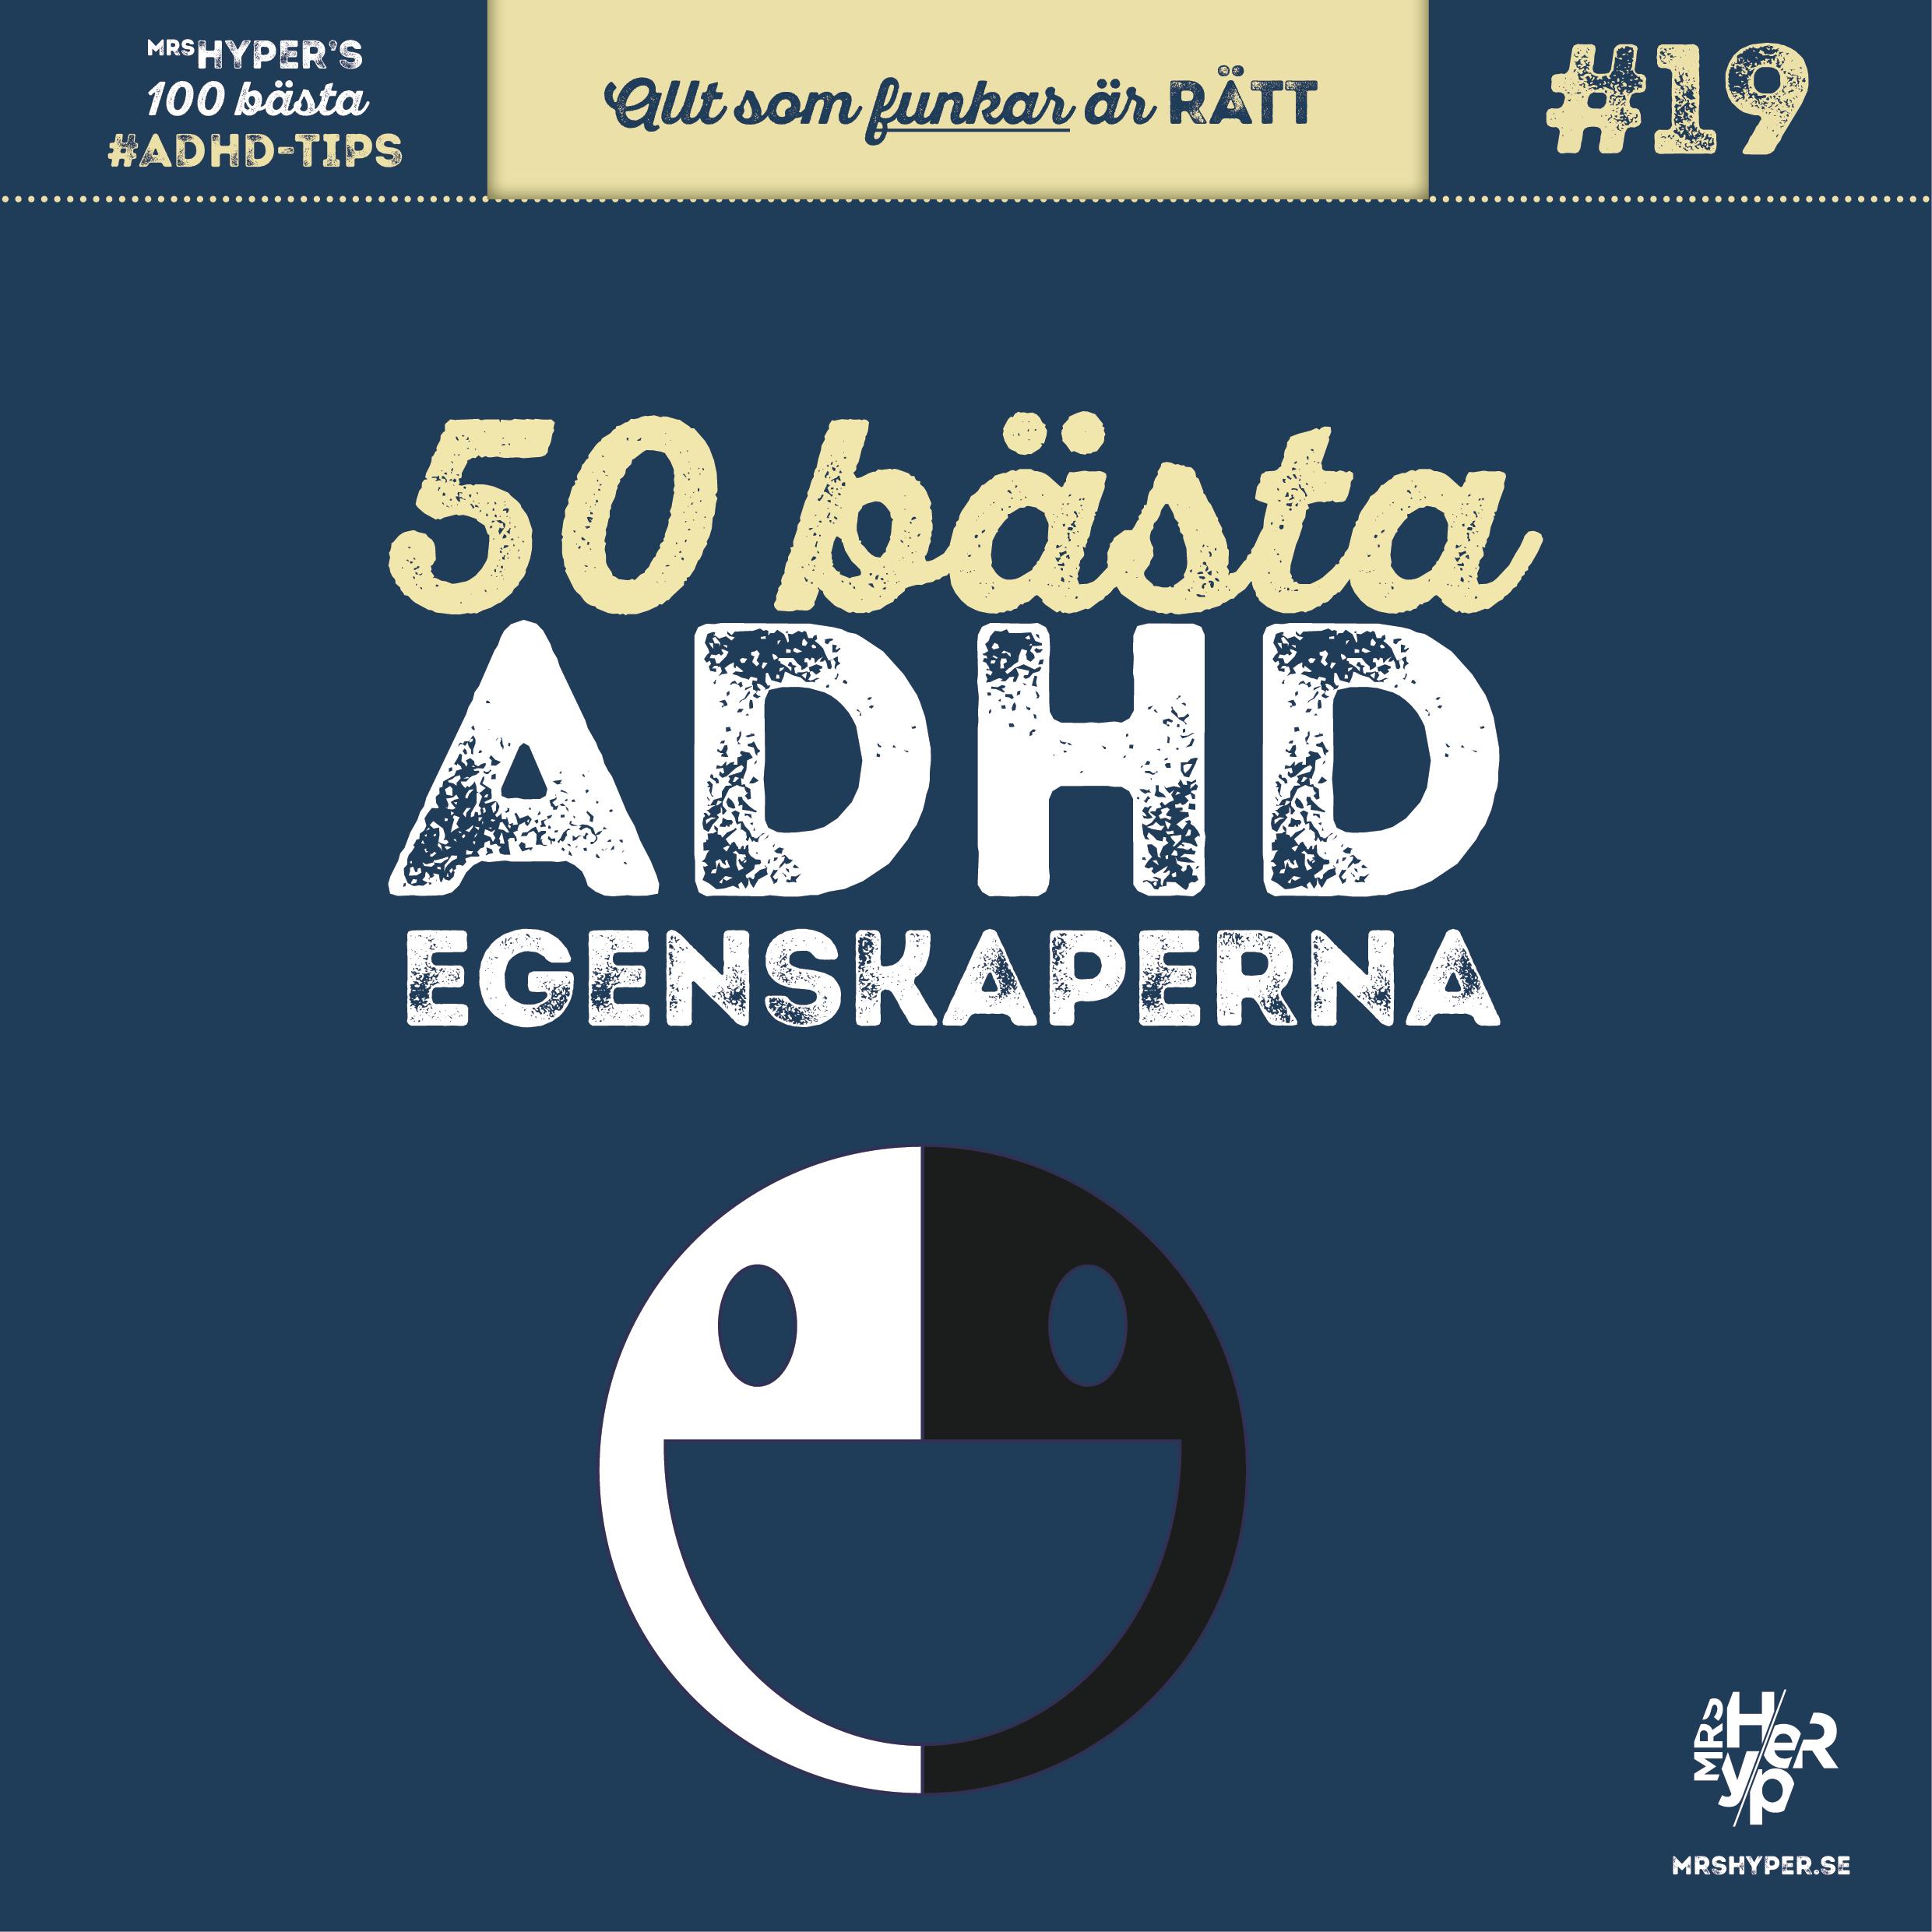 ADHD-tips #19. 50 bästa ADHD-egenskaperna.